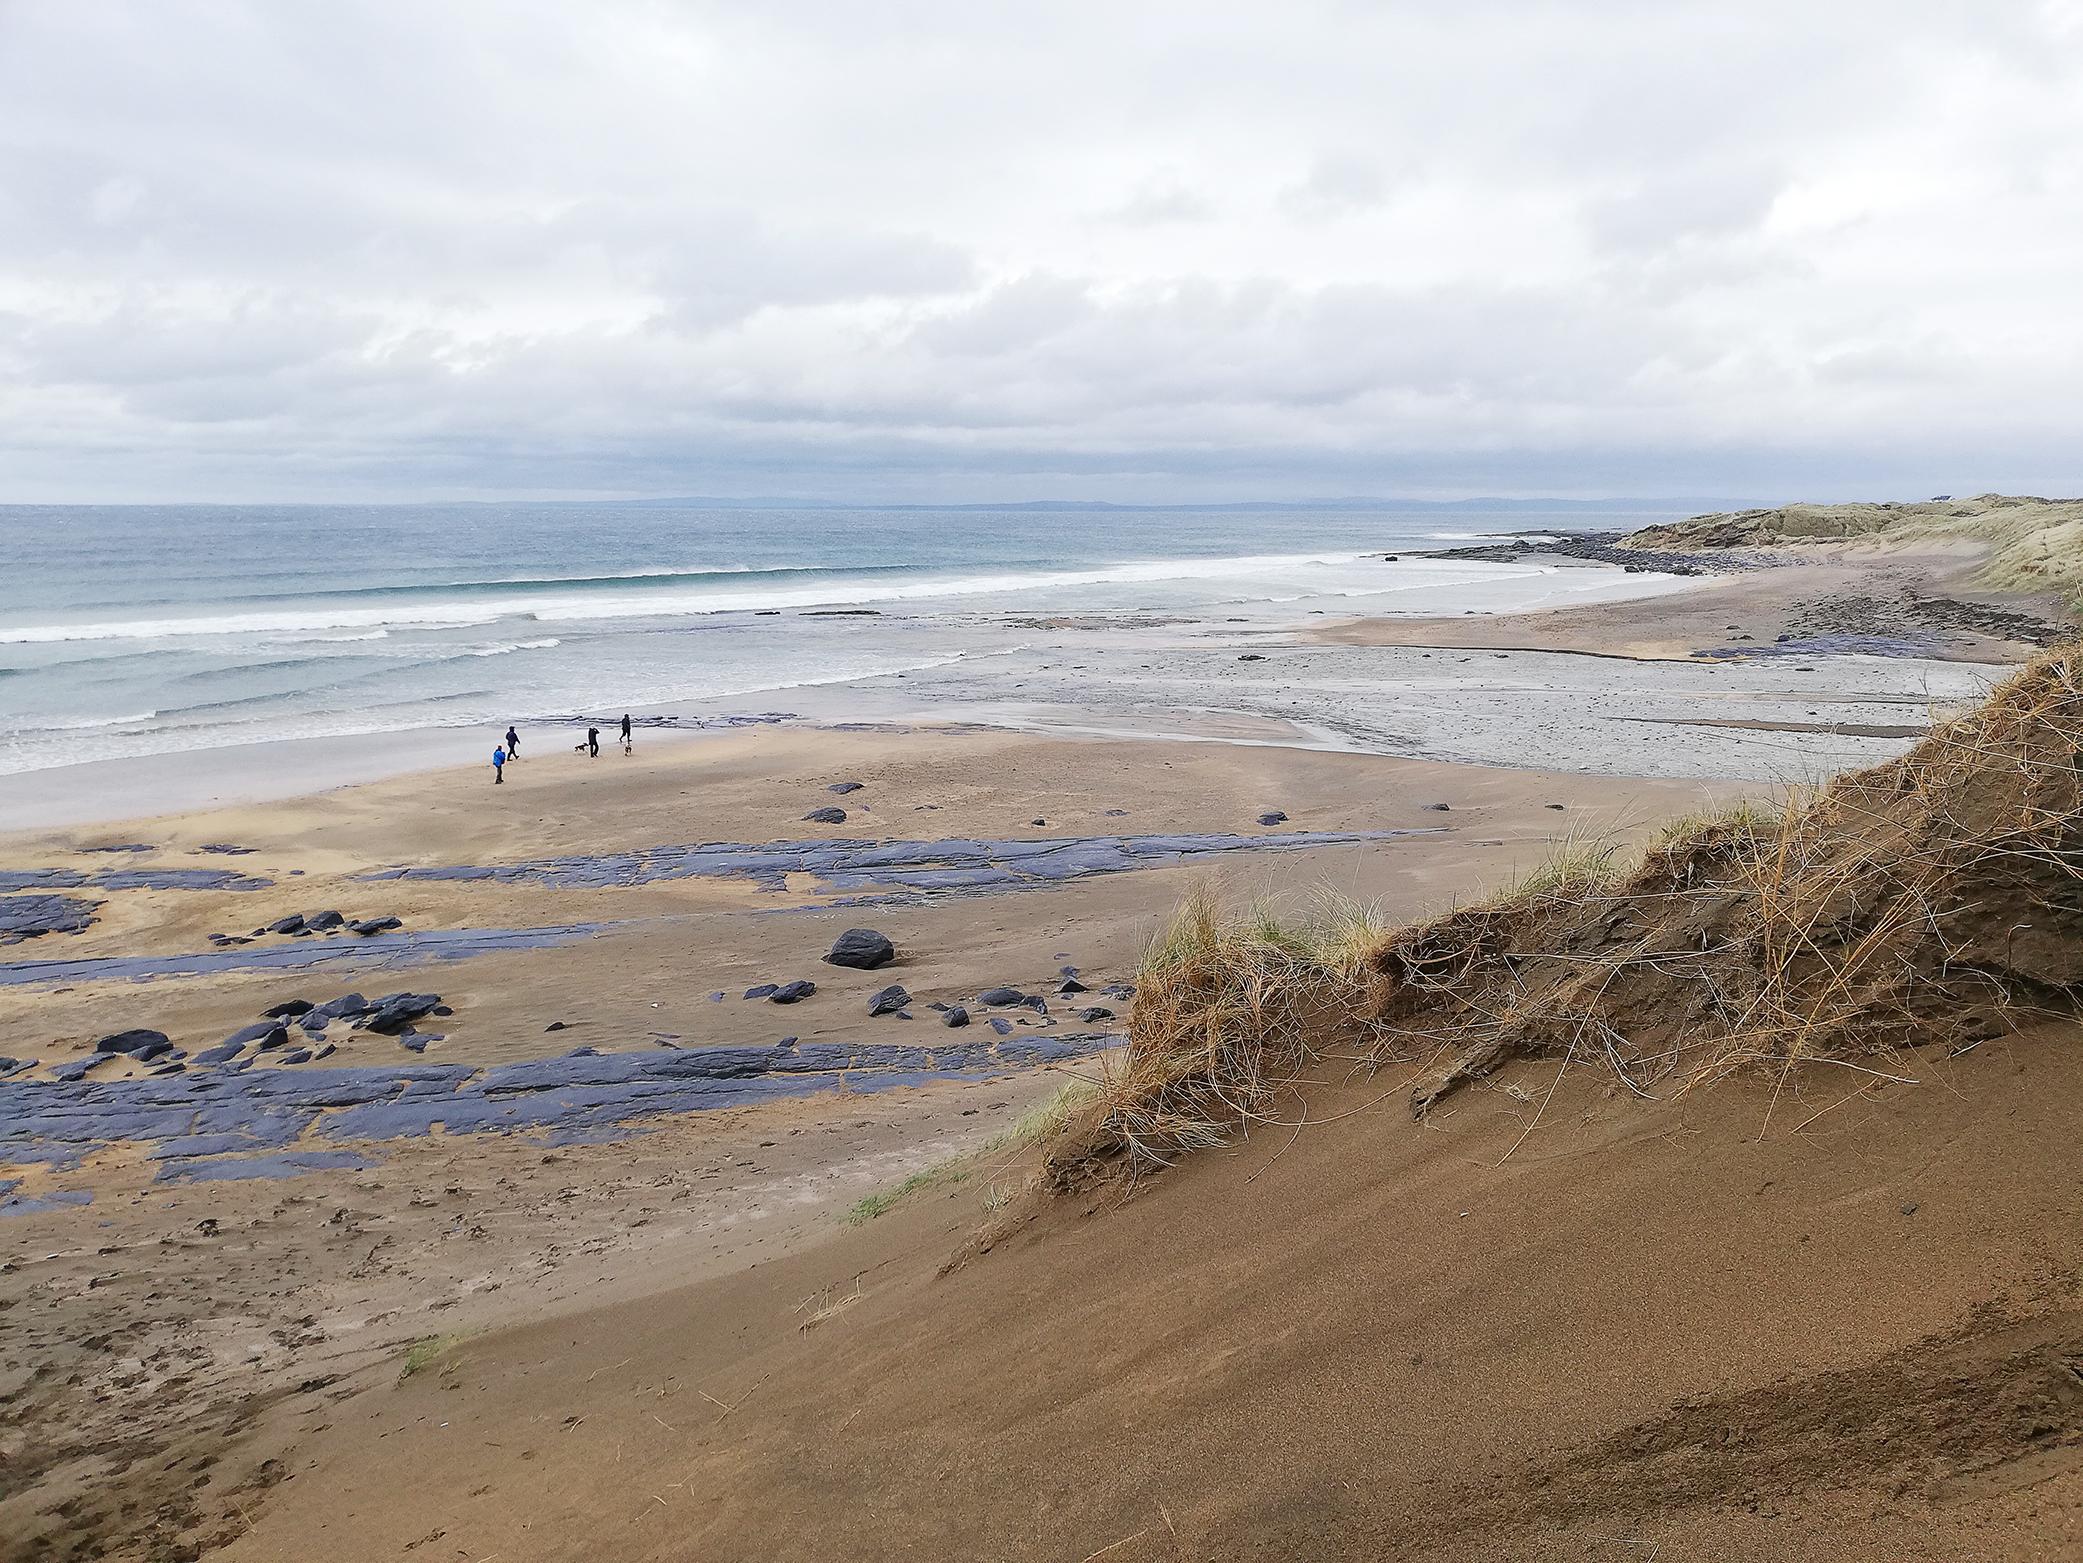 Fanore Beach, The Burren & Cliffs of Moher UNESCO Global Geopark, on Ireland's Wild Atlantic Way.